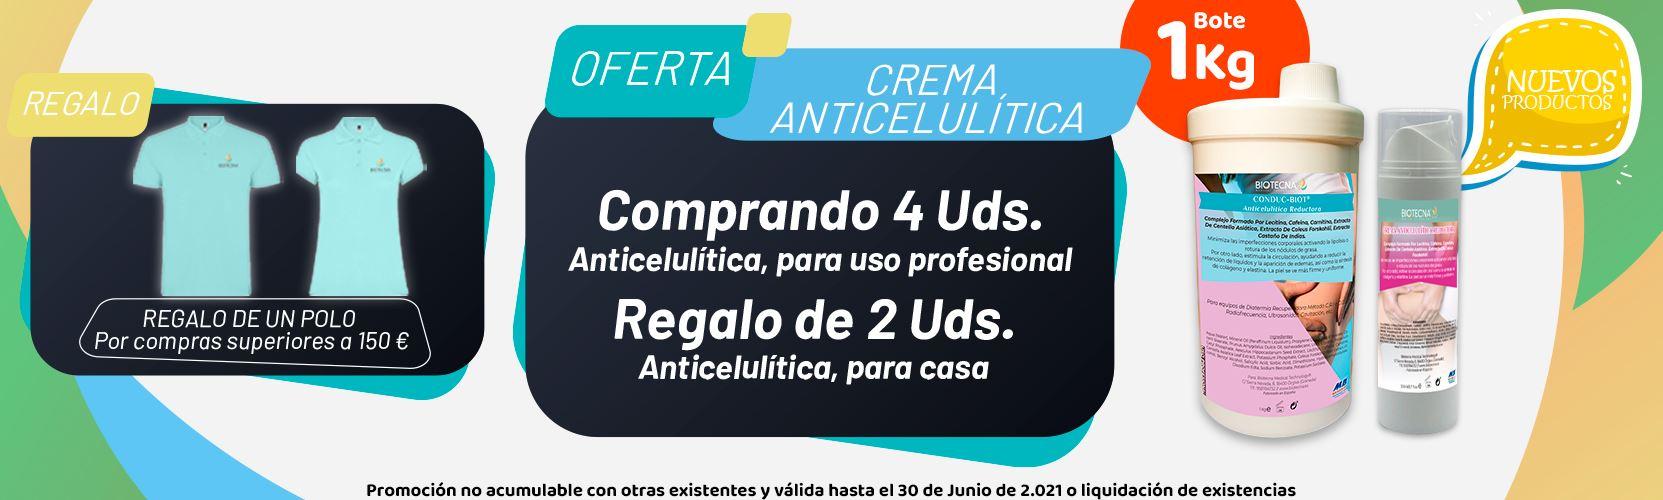 Crema-Anticelulitica